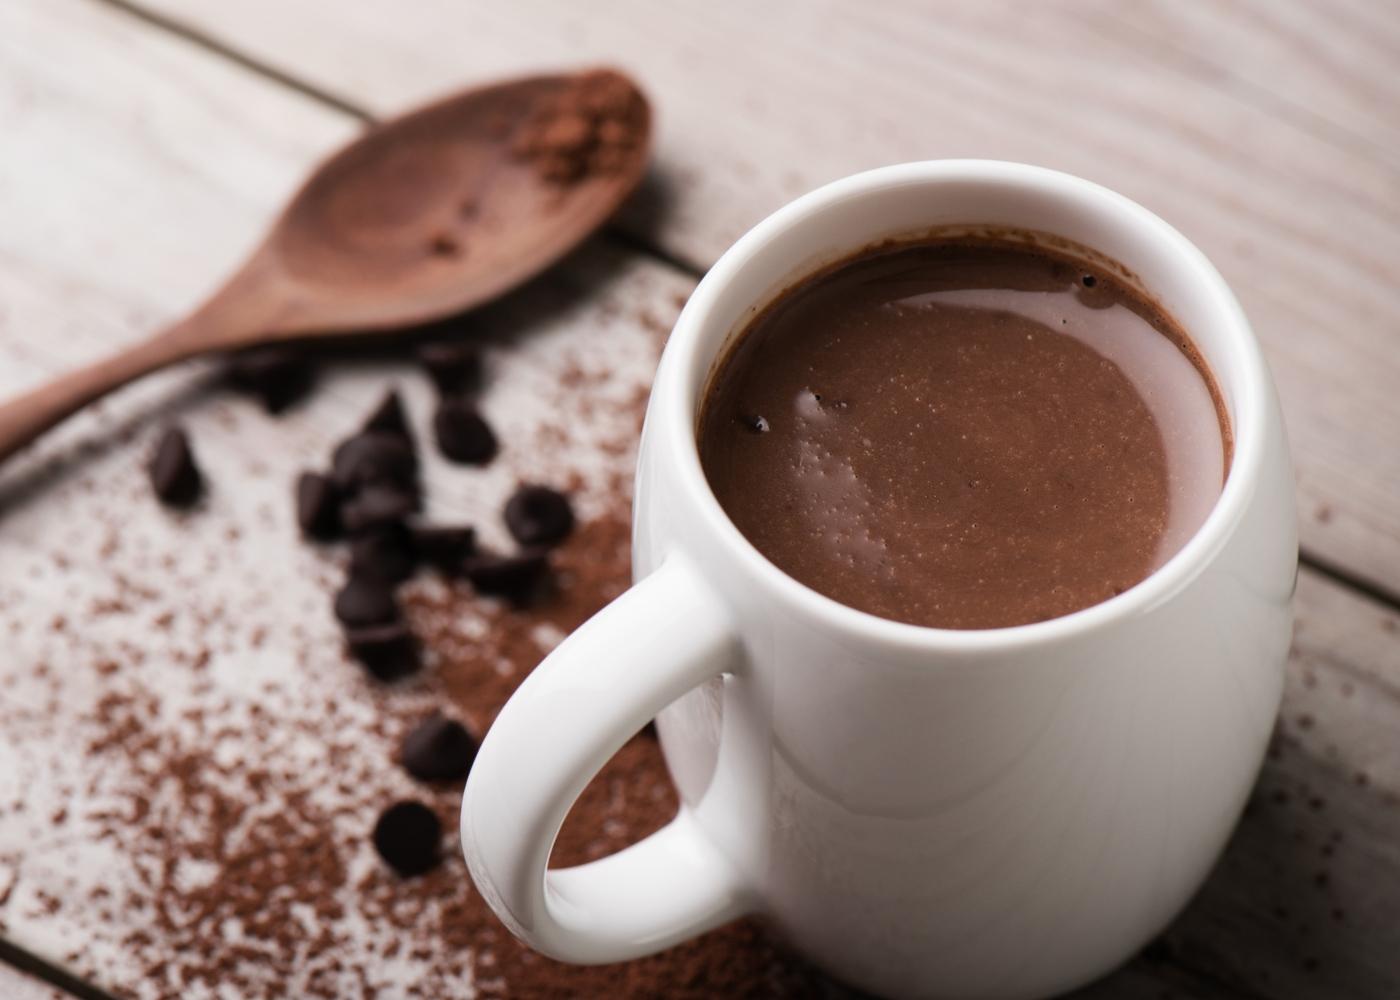 Receitas reconfortantes e saudáveis: chocolate quente